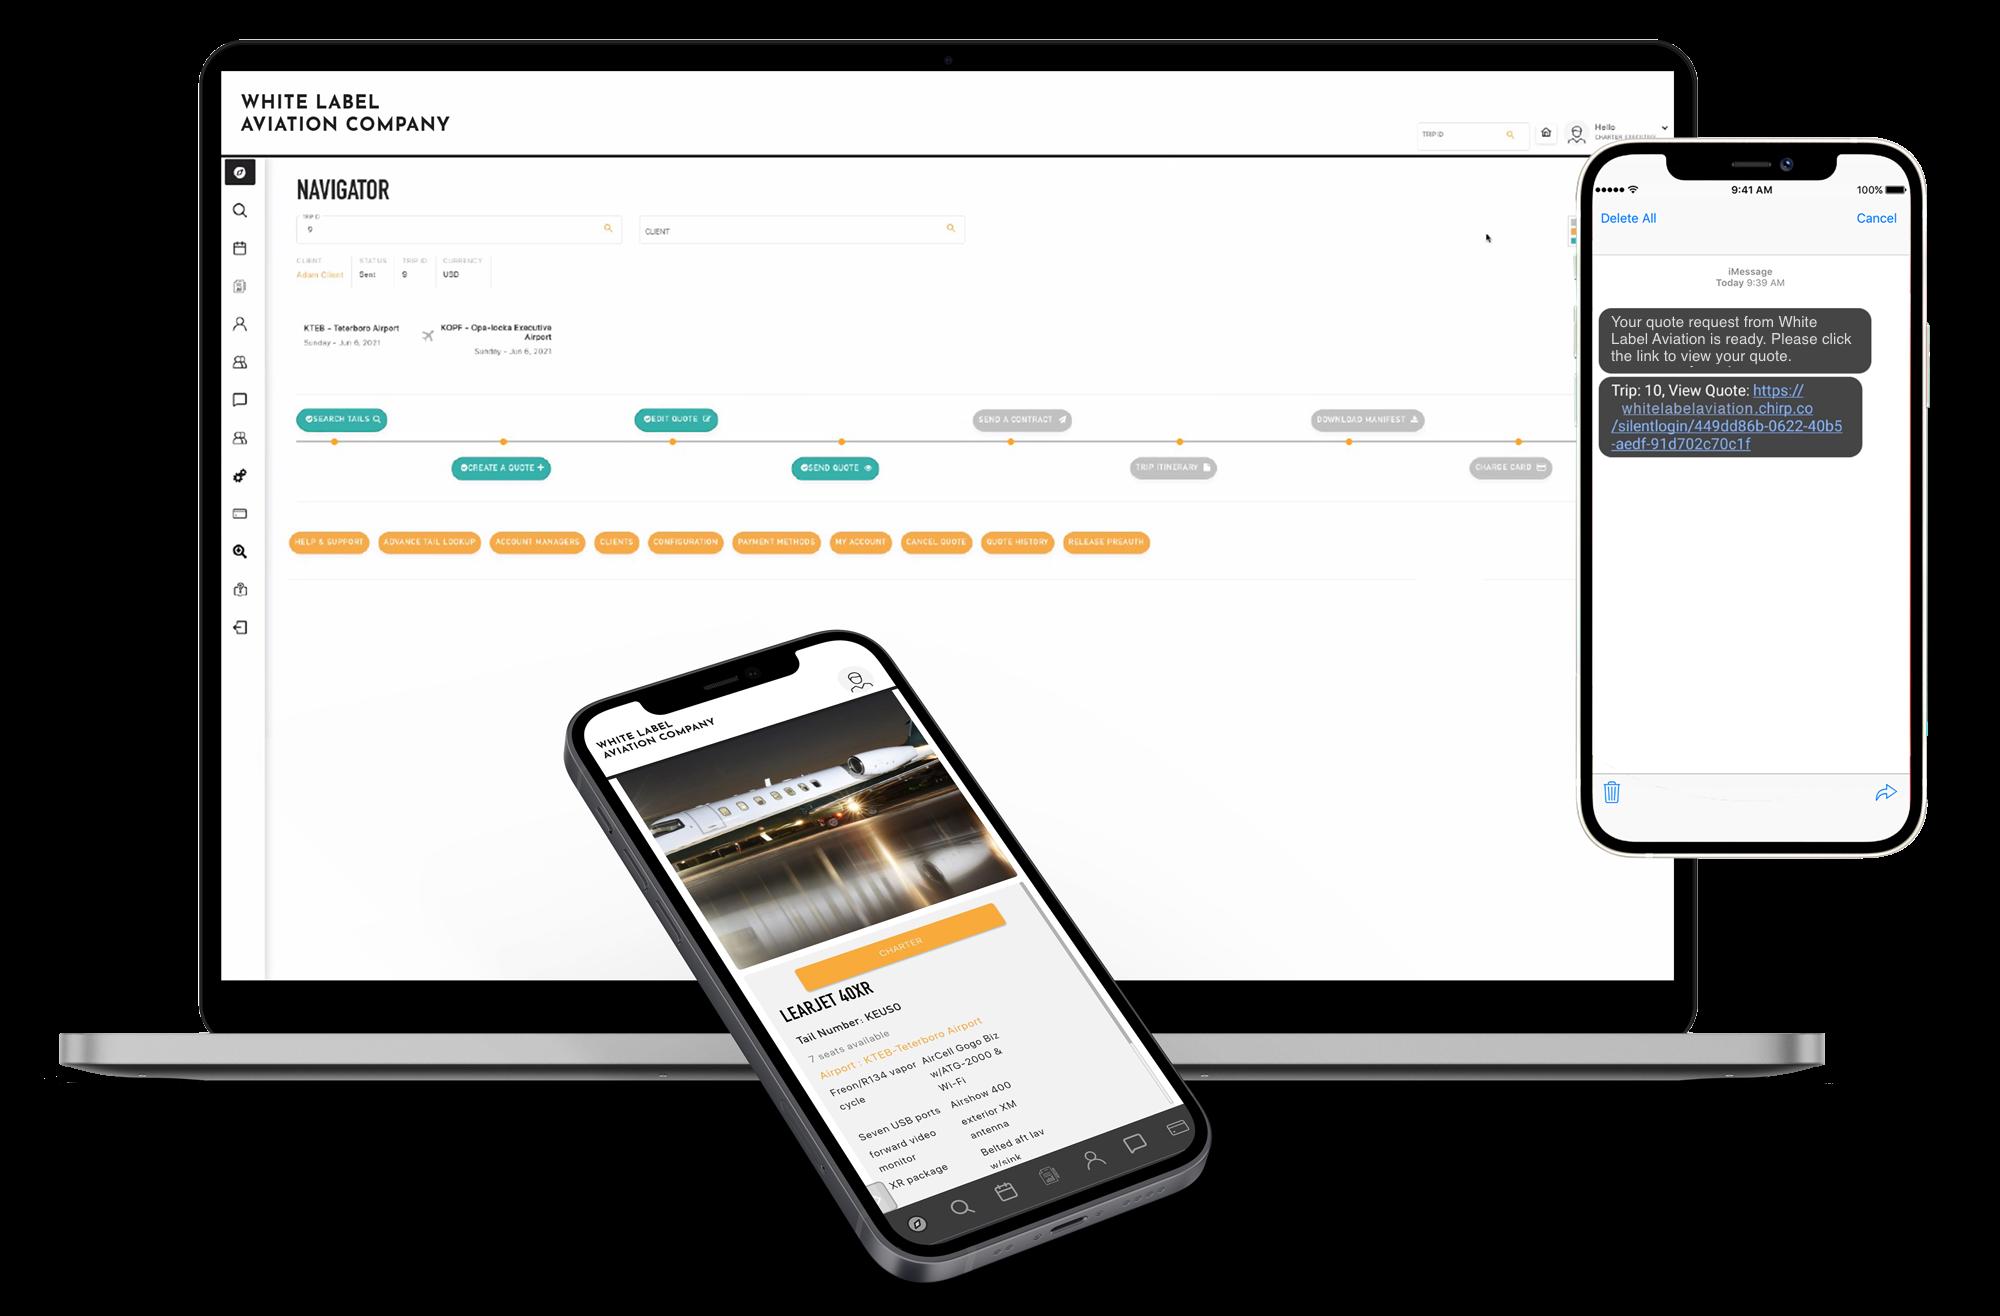 Simplified version of website